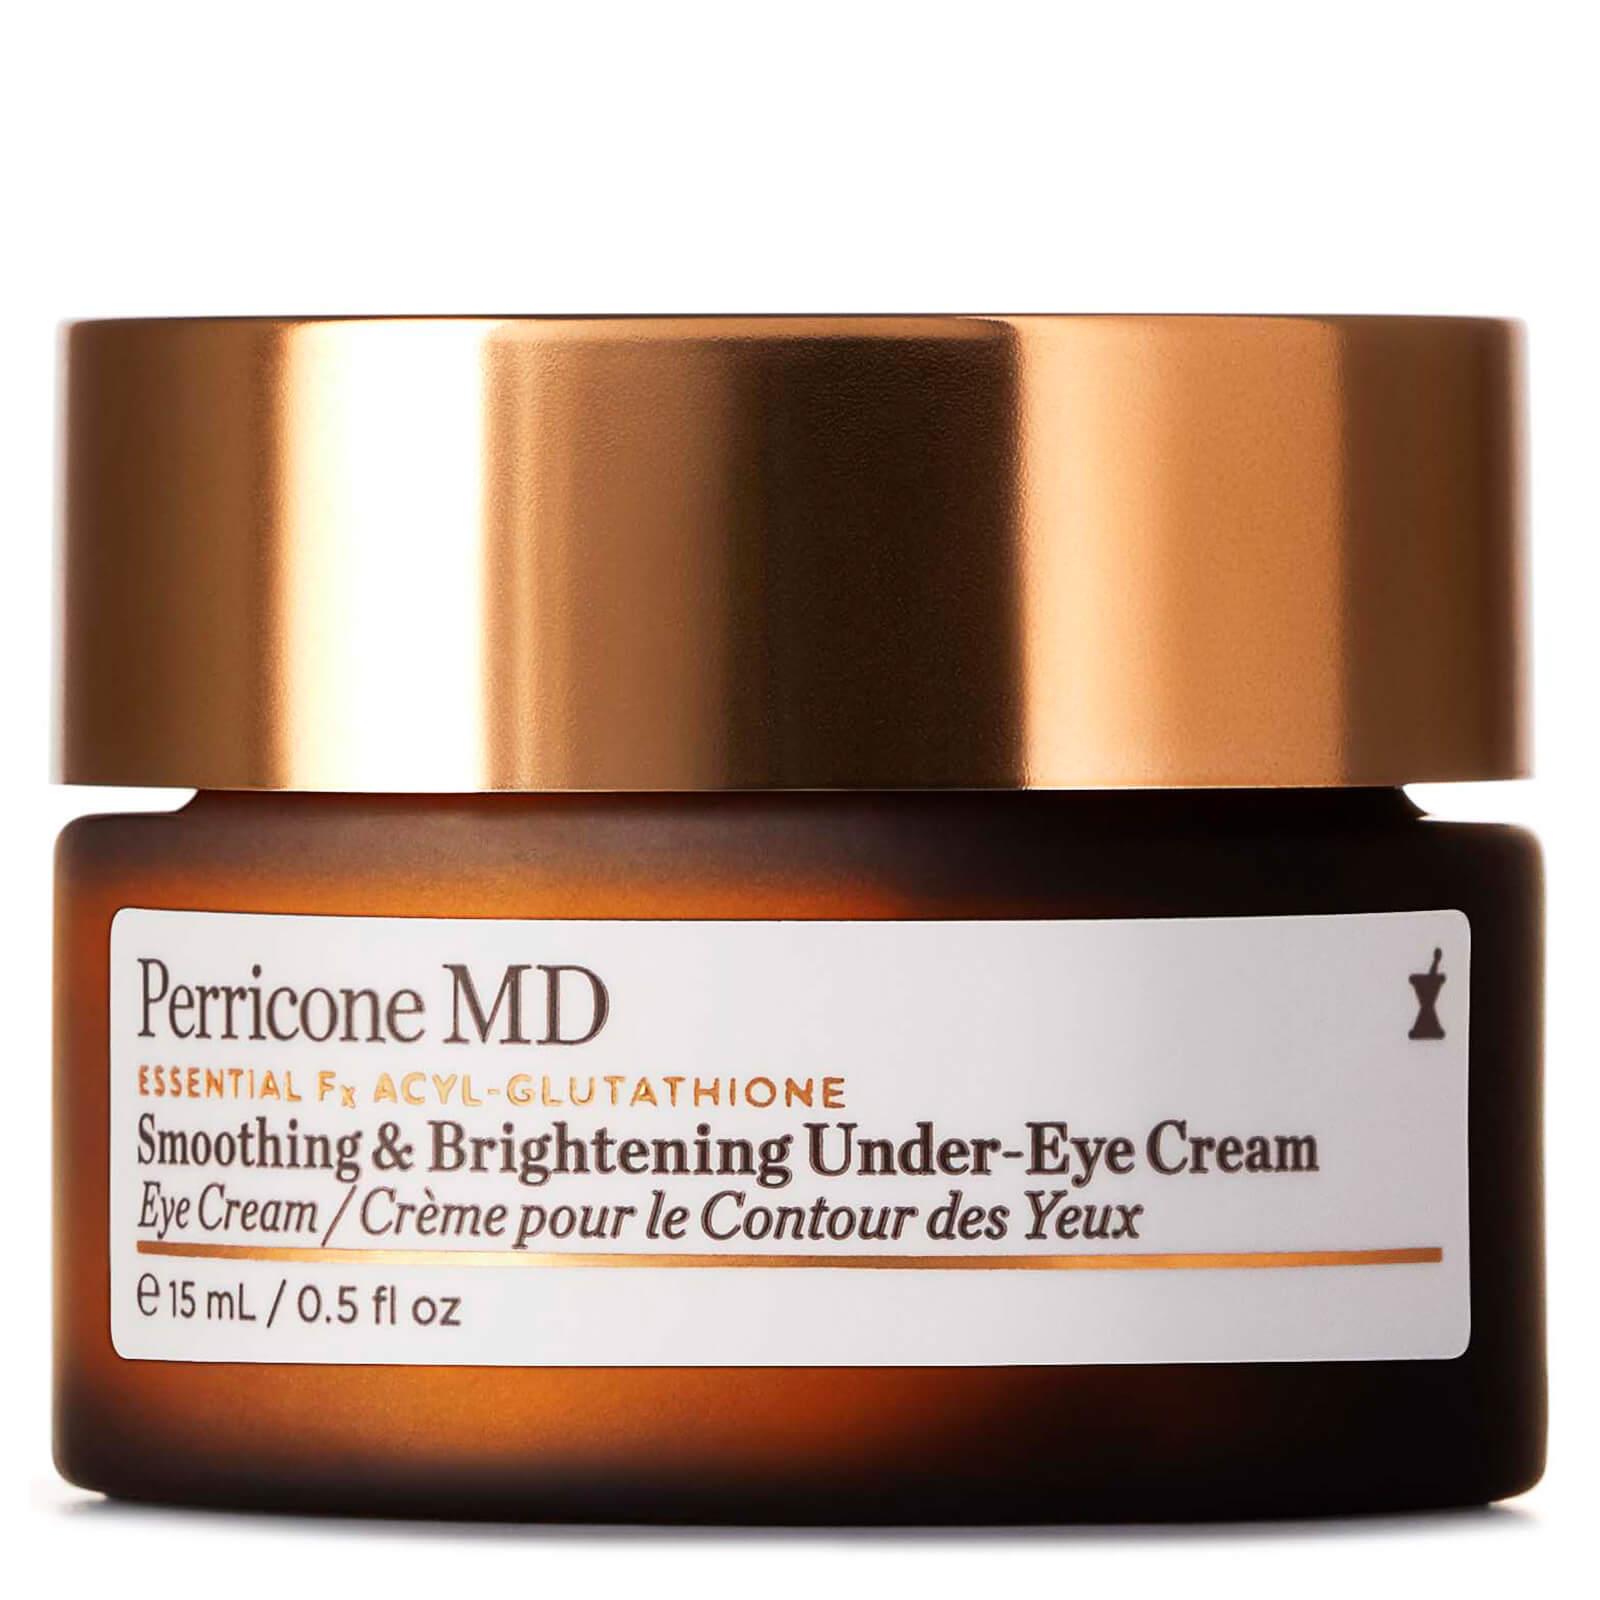 Perricone MD Essential Fx Acyl-Glutathione: Smoothing & Brightening Eye Cream